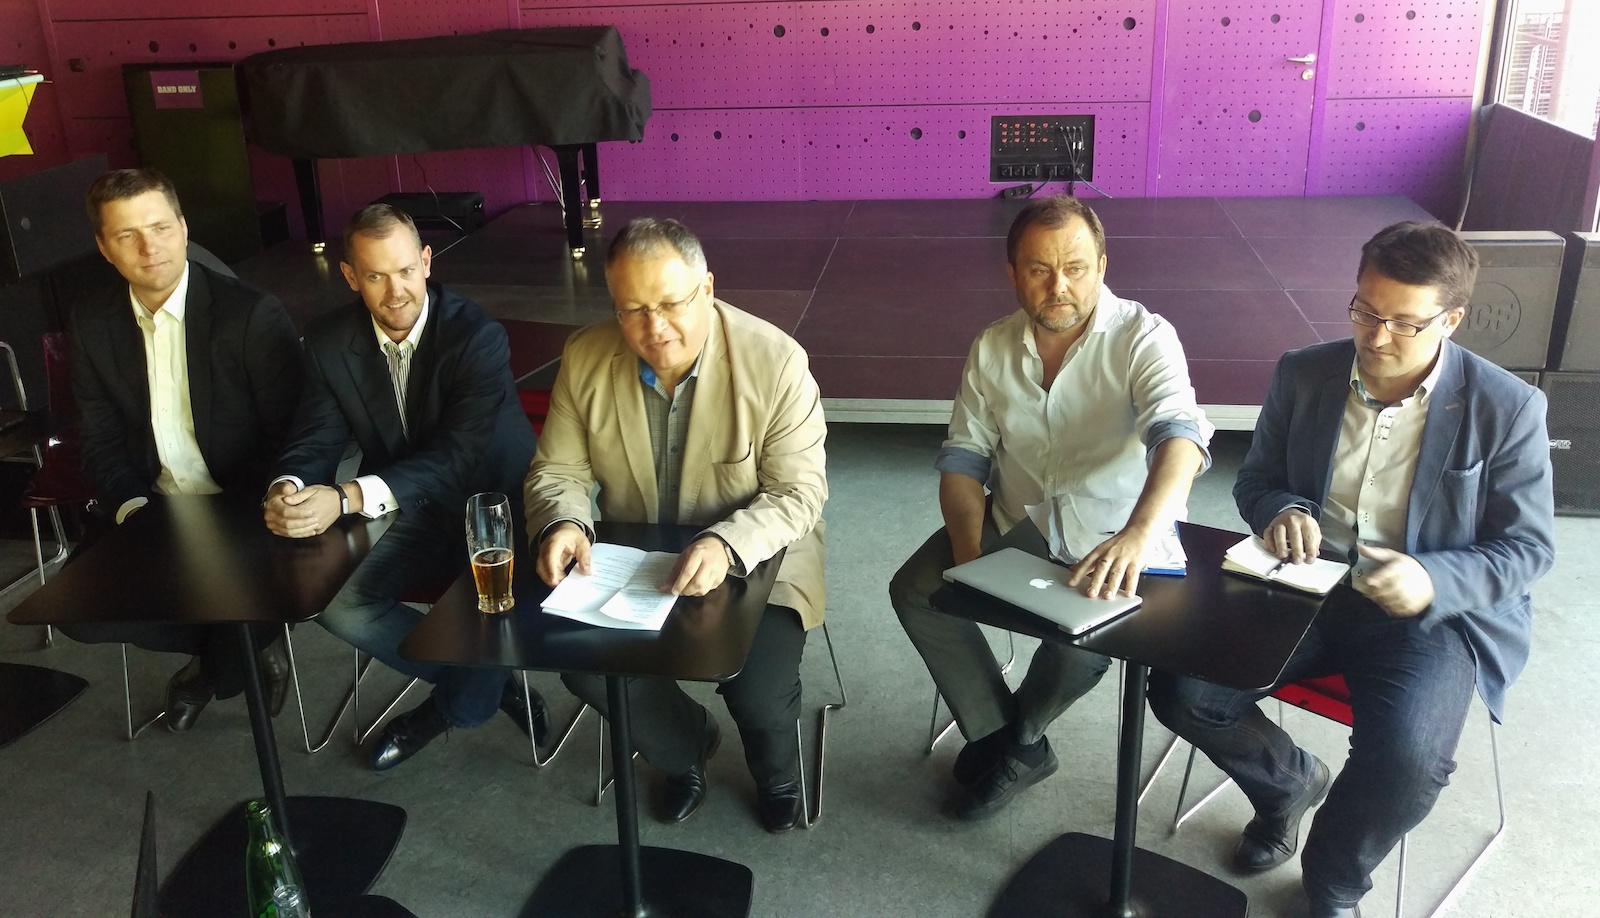 Nový tým Vltava-Labe-Press: zleva Petr Marek, Milan Mokráň, Michal Klíma, Roman Gallo a z agentury Dark Side Tomáš Jindříšek